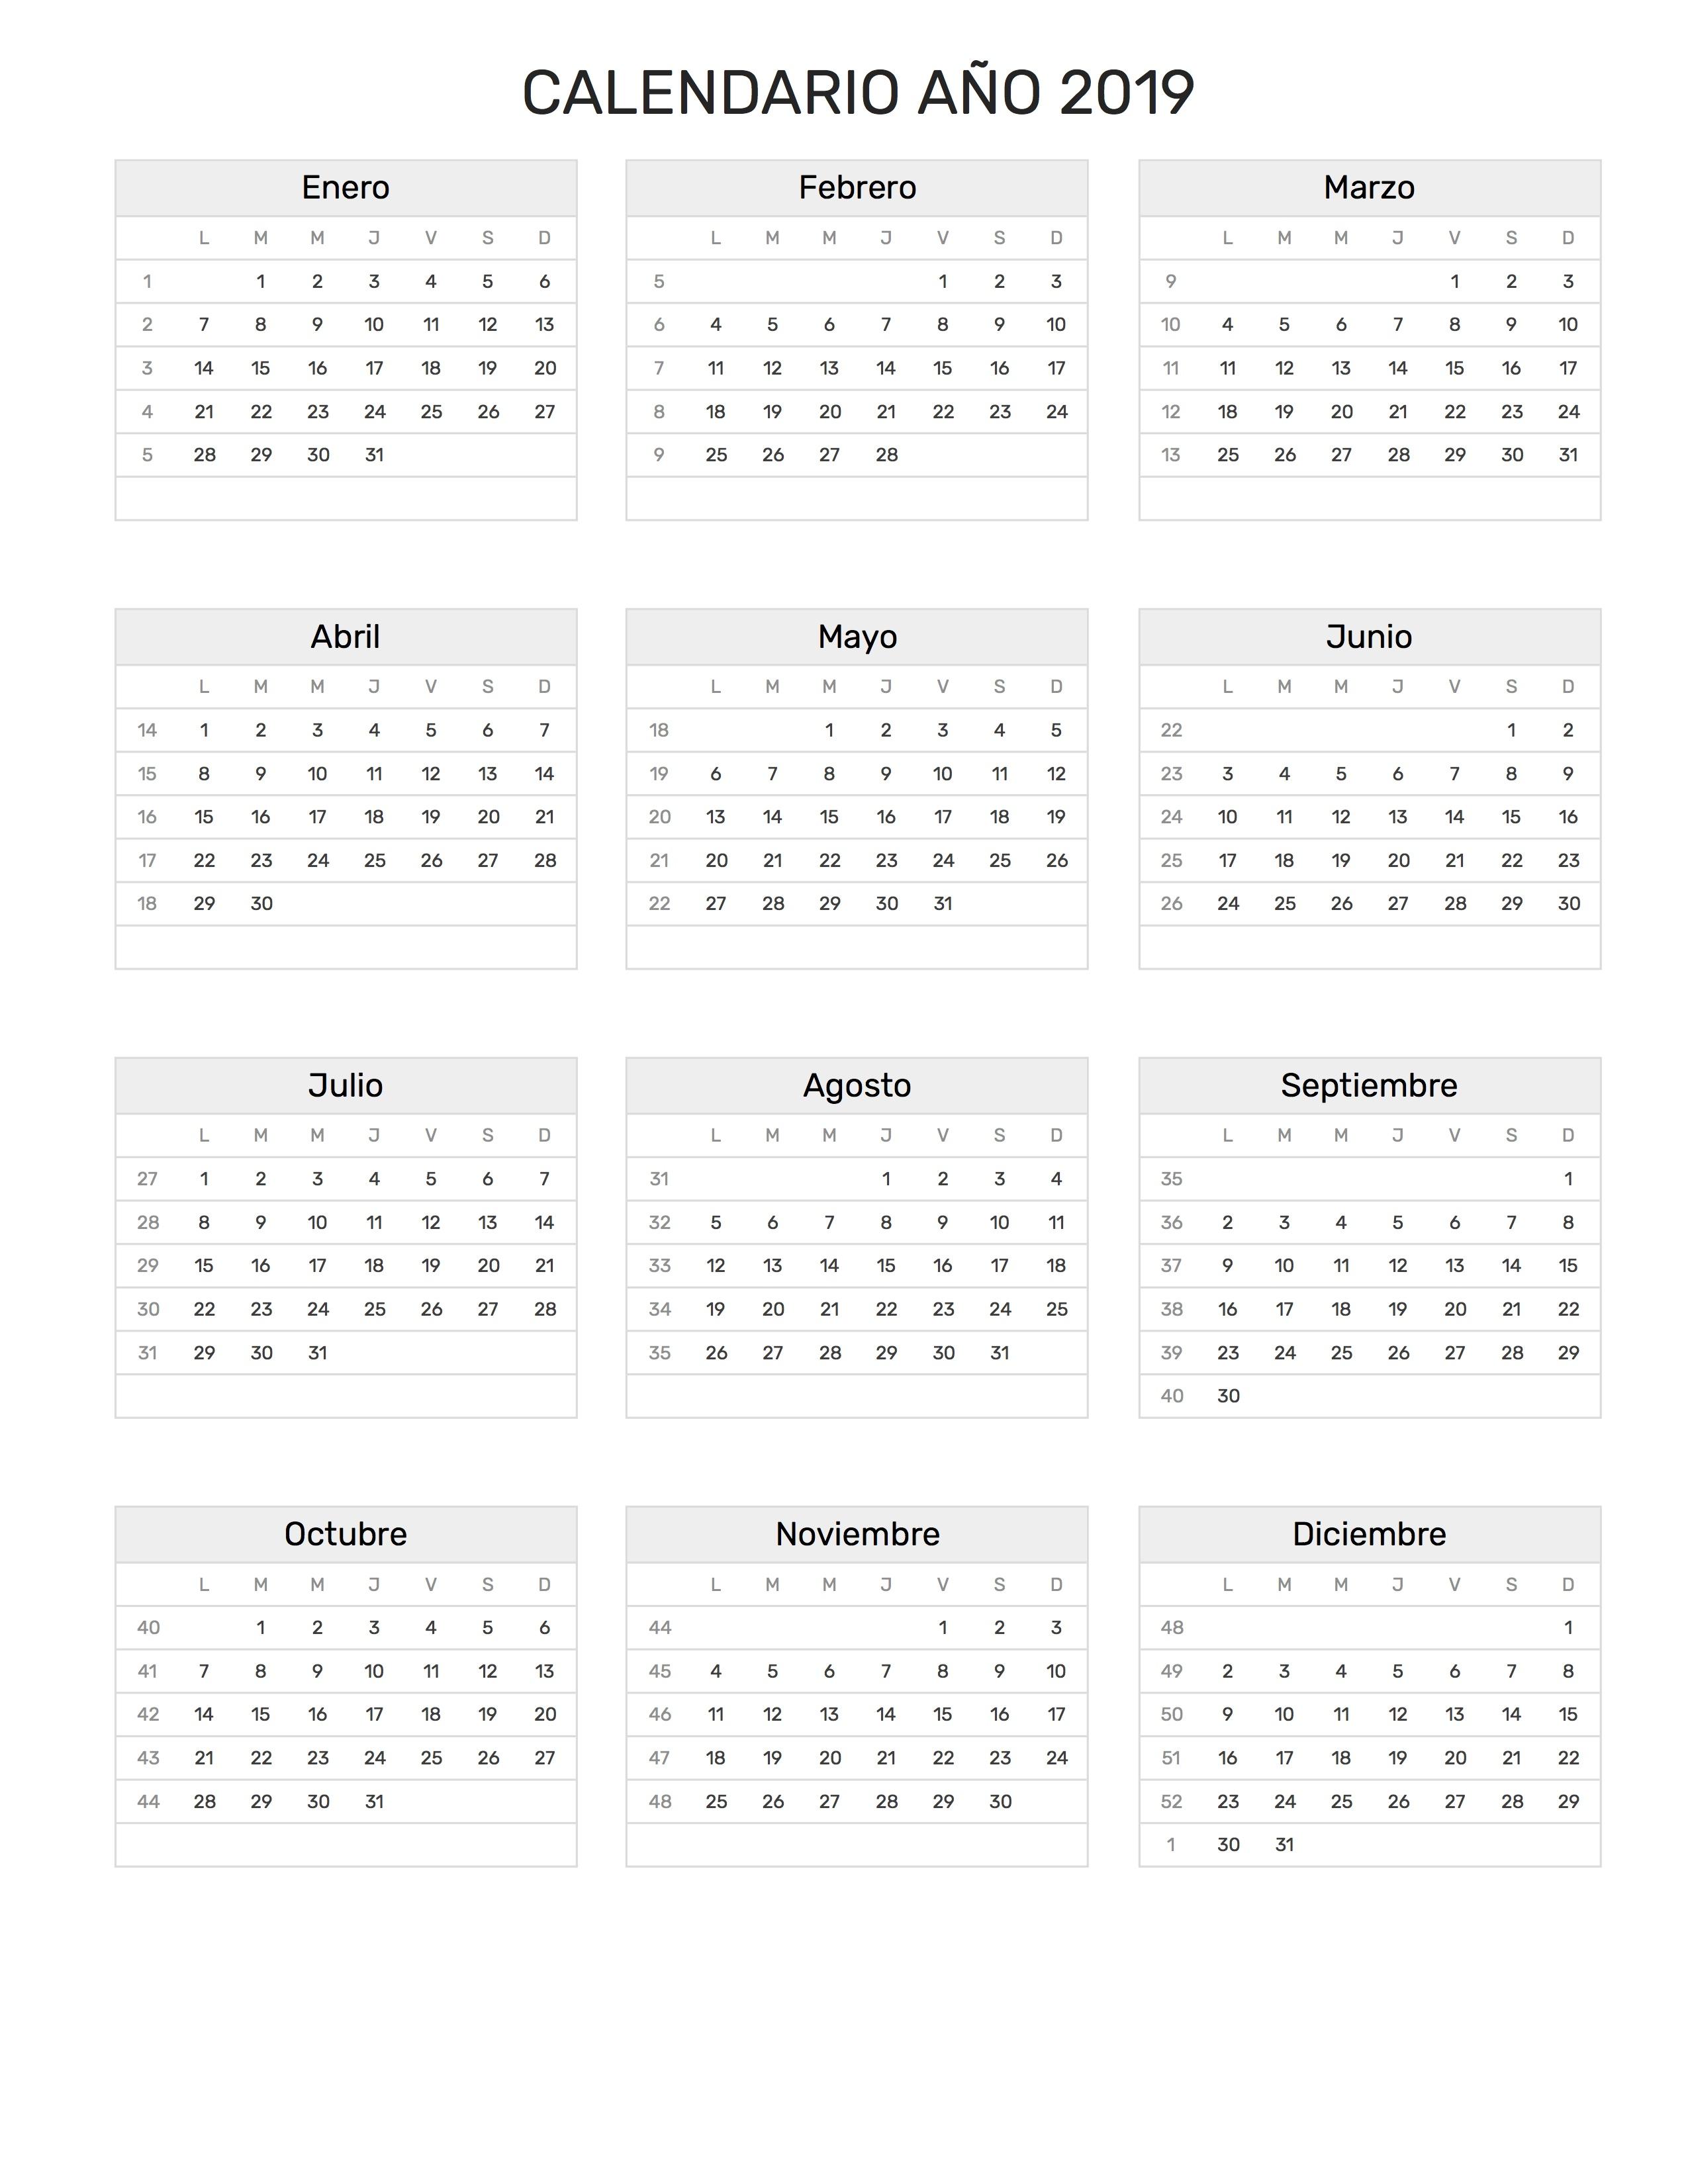 Calendario Junio 2019 Para Imprimir Pdf.Calendario 2019 Mas De 150 Plantillas Para Imprimir Y Descargar Gratis